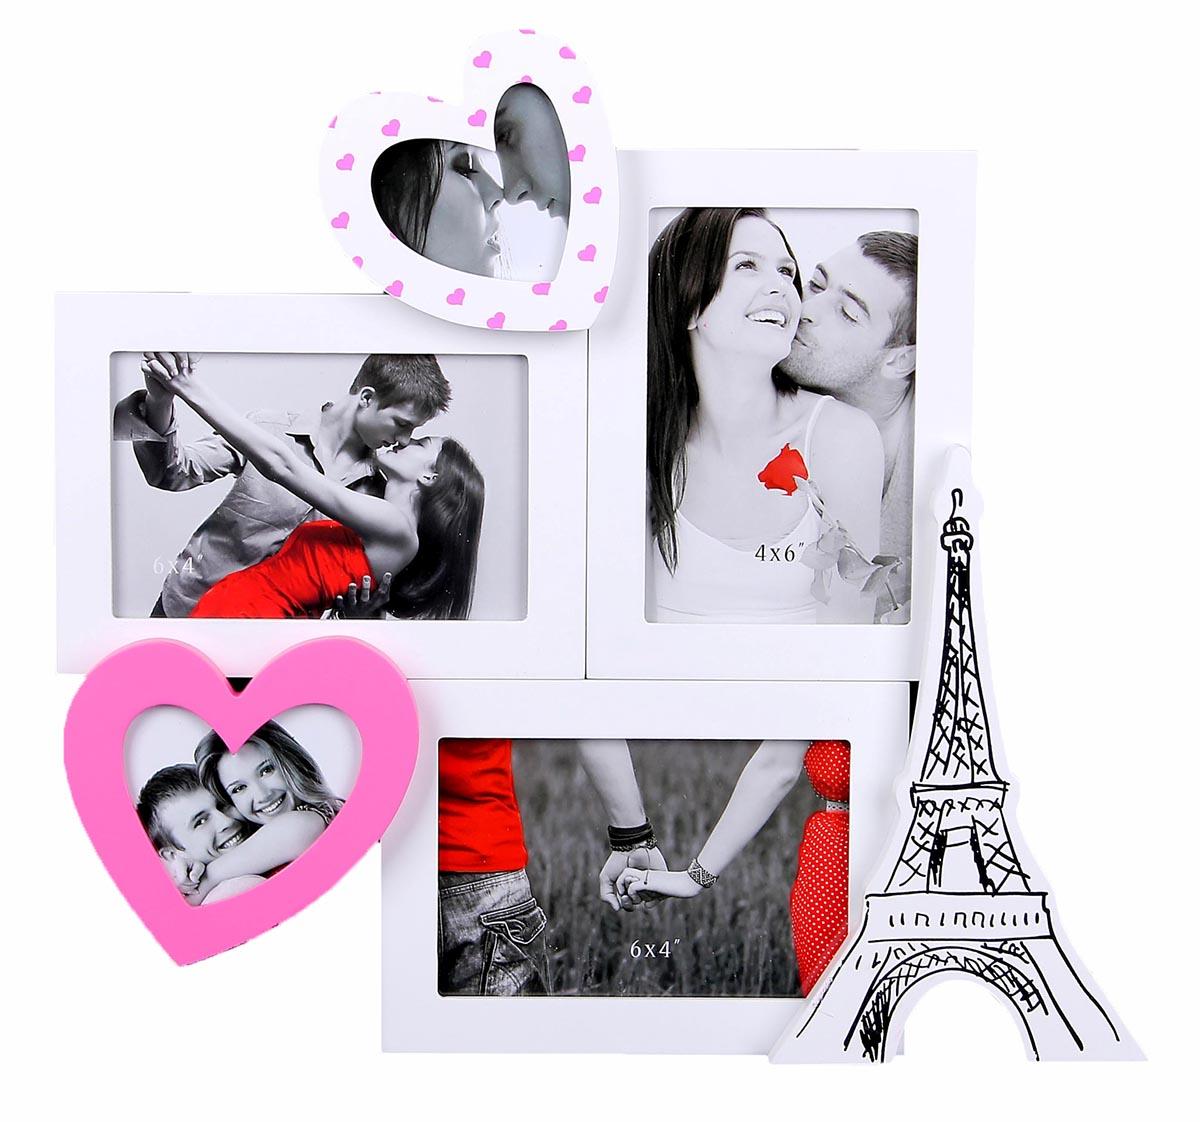 Фоторамка Мой Париж, на 5 фото, цвет: белый. 817817Французский стиль поистине неповторим: в нем причудливо сочетаются подлинный шик и нарочитая простота. Бывали ли Вы в самом сердце Франции – блистательном Париже – или только собираетесь его посетить – он очаровывает и на расстоянии и невольно заставляет мечтать о свежеиспеченных круассанах, звуках уличного аккордеона и корабликах, плывущих по Сене. Стильная Фоторамка на 5 фото Мой Париж 8х8; 8х10; 10х15 см, декорированная французской тематикой Франции, позволит привнести в интерьер парижский шик и неповторимый стиль. Преподнесите этот изящный аксессуар Вашей второй половинке на День всех влюбленных, пусть это будет поводом для романтичной поездки.